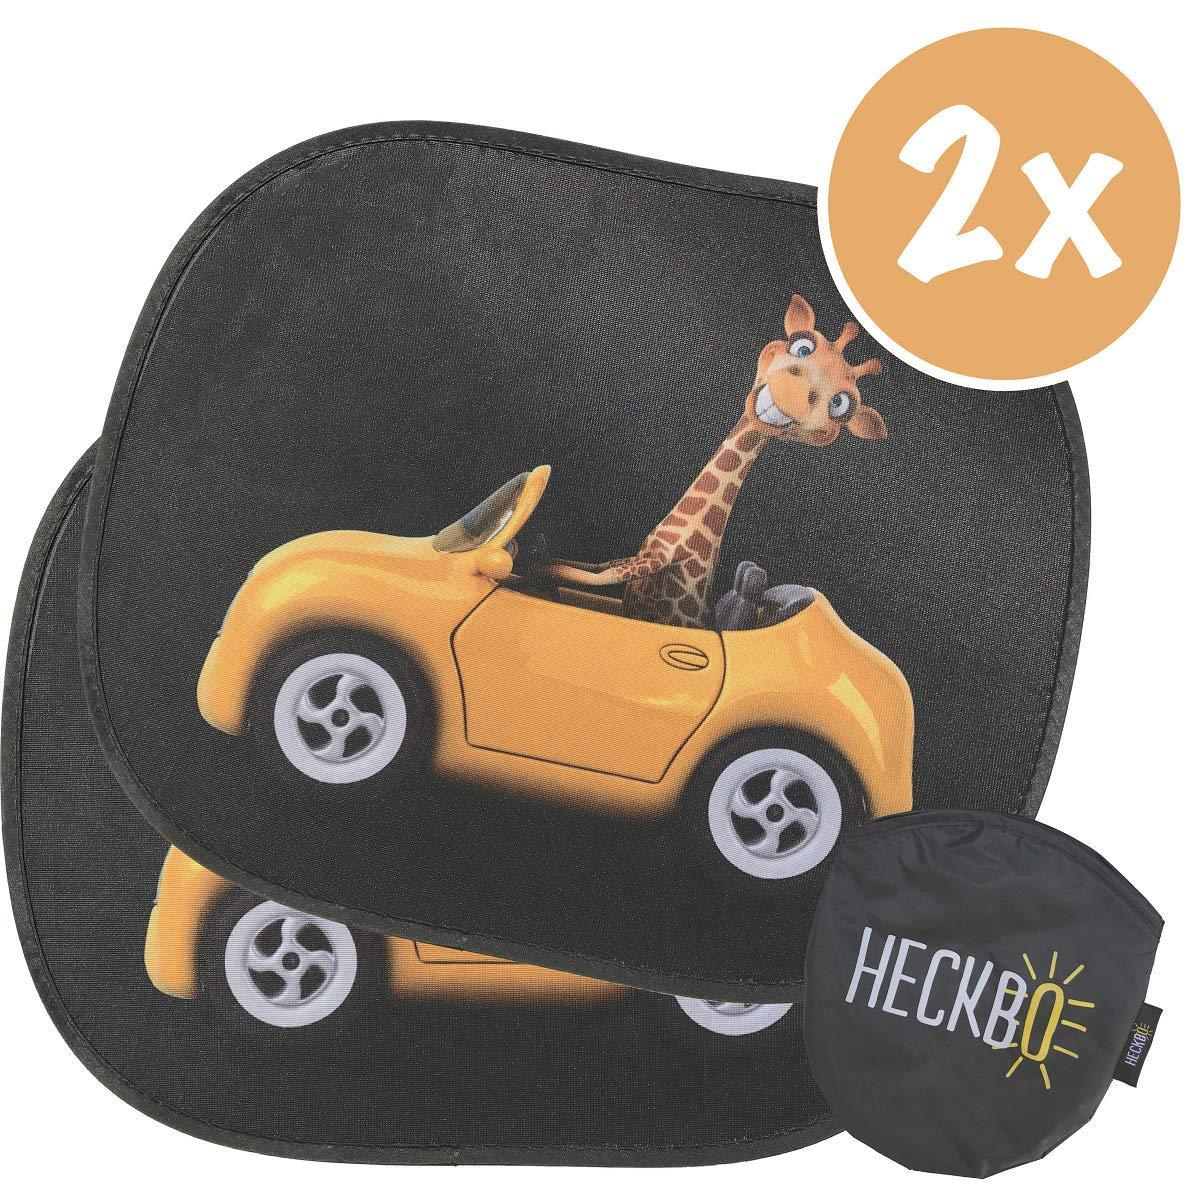 Heckbo Selbsthaftende Auto Sonnenblende Autosonnenschutz Für Kinder 2 Stück Motiv Lustige Giraffe Im Auto Autofenster Sonnenschutz 44x36cm Inkl Gratis Tasche Baby